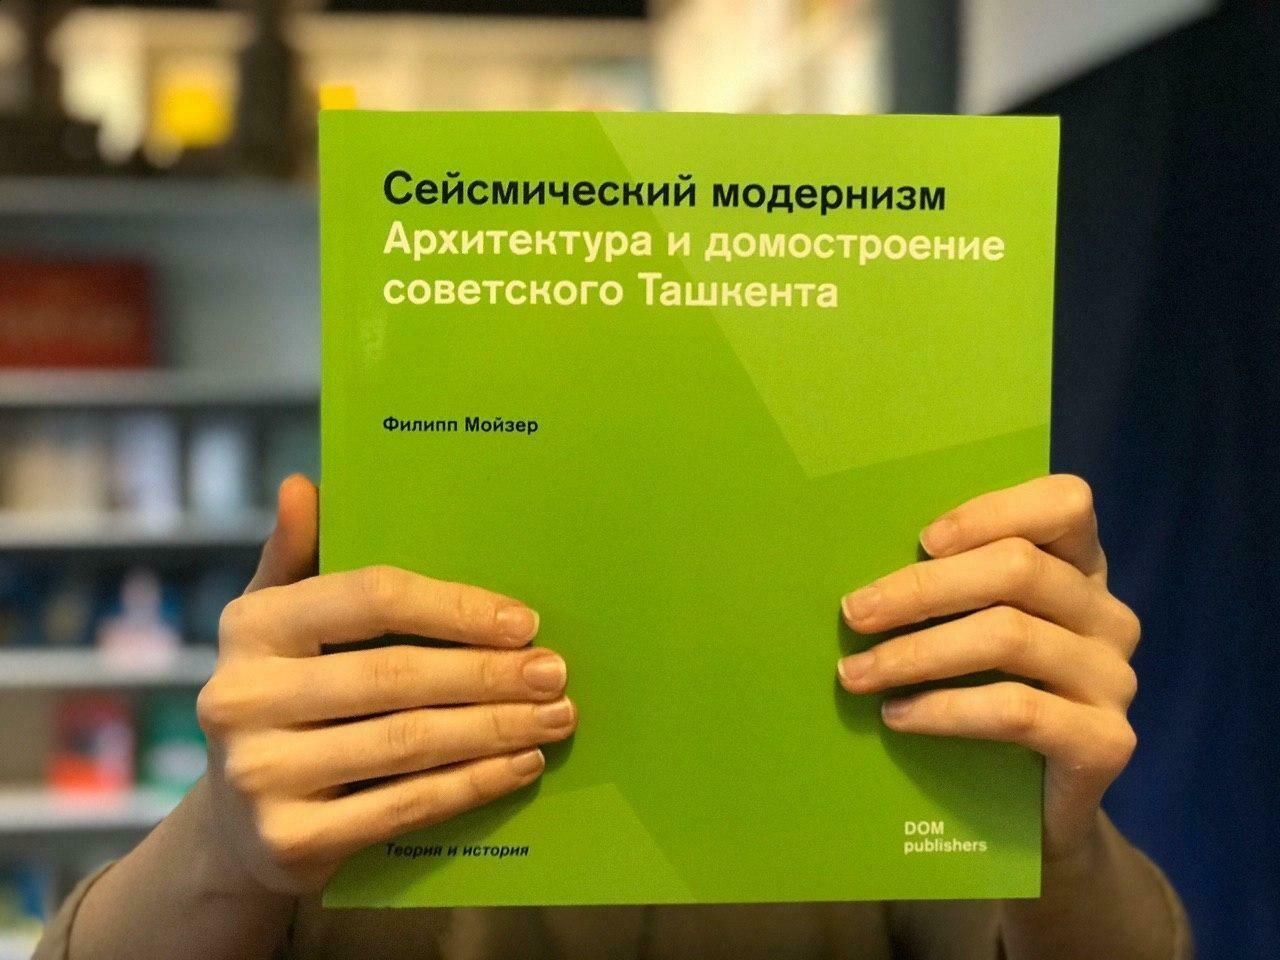 Сейсмический модернизм. Архитектура и домостроение советского Ташкента (русский)